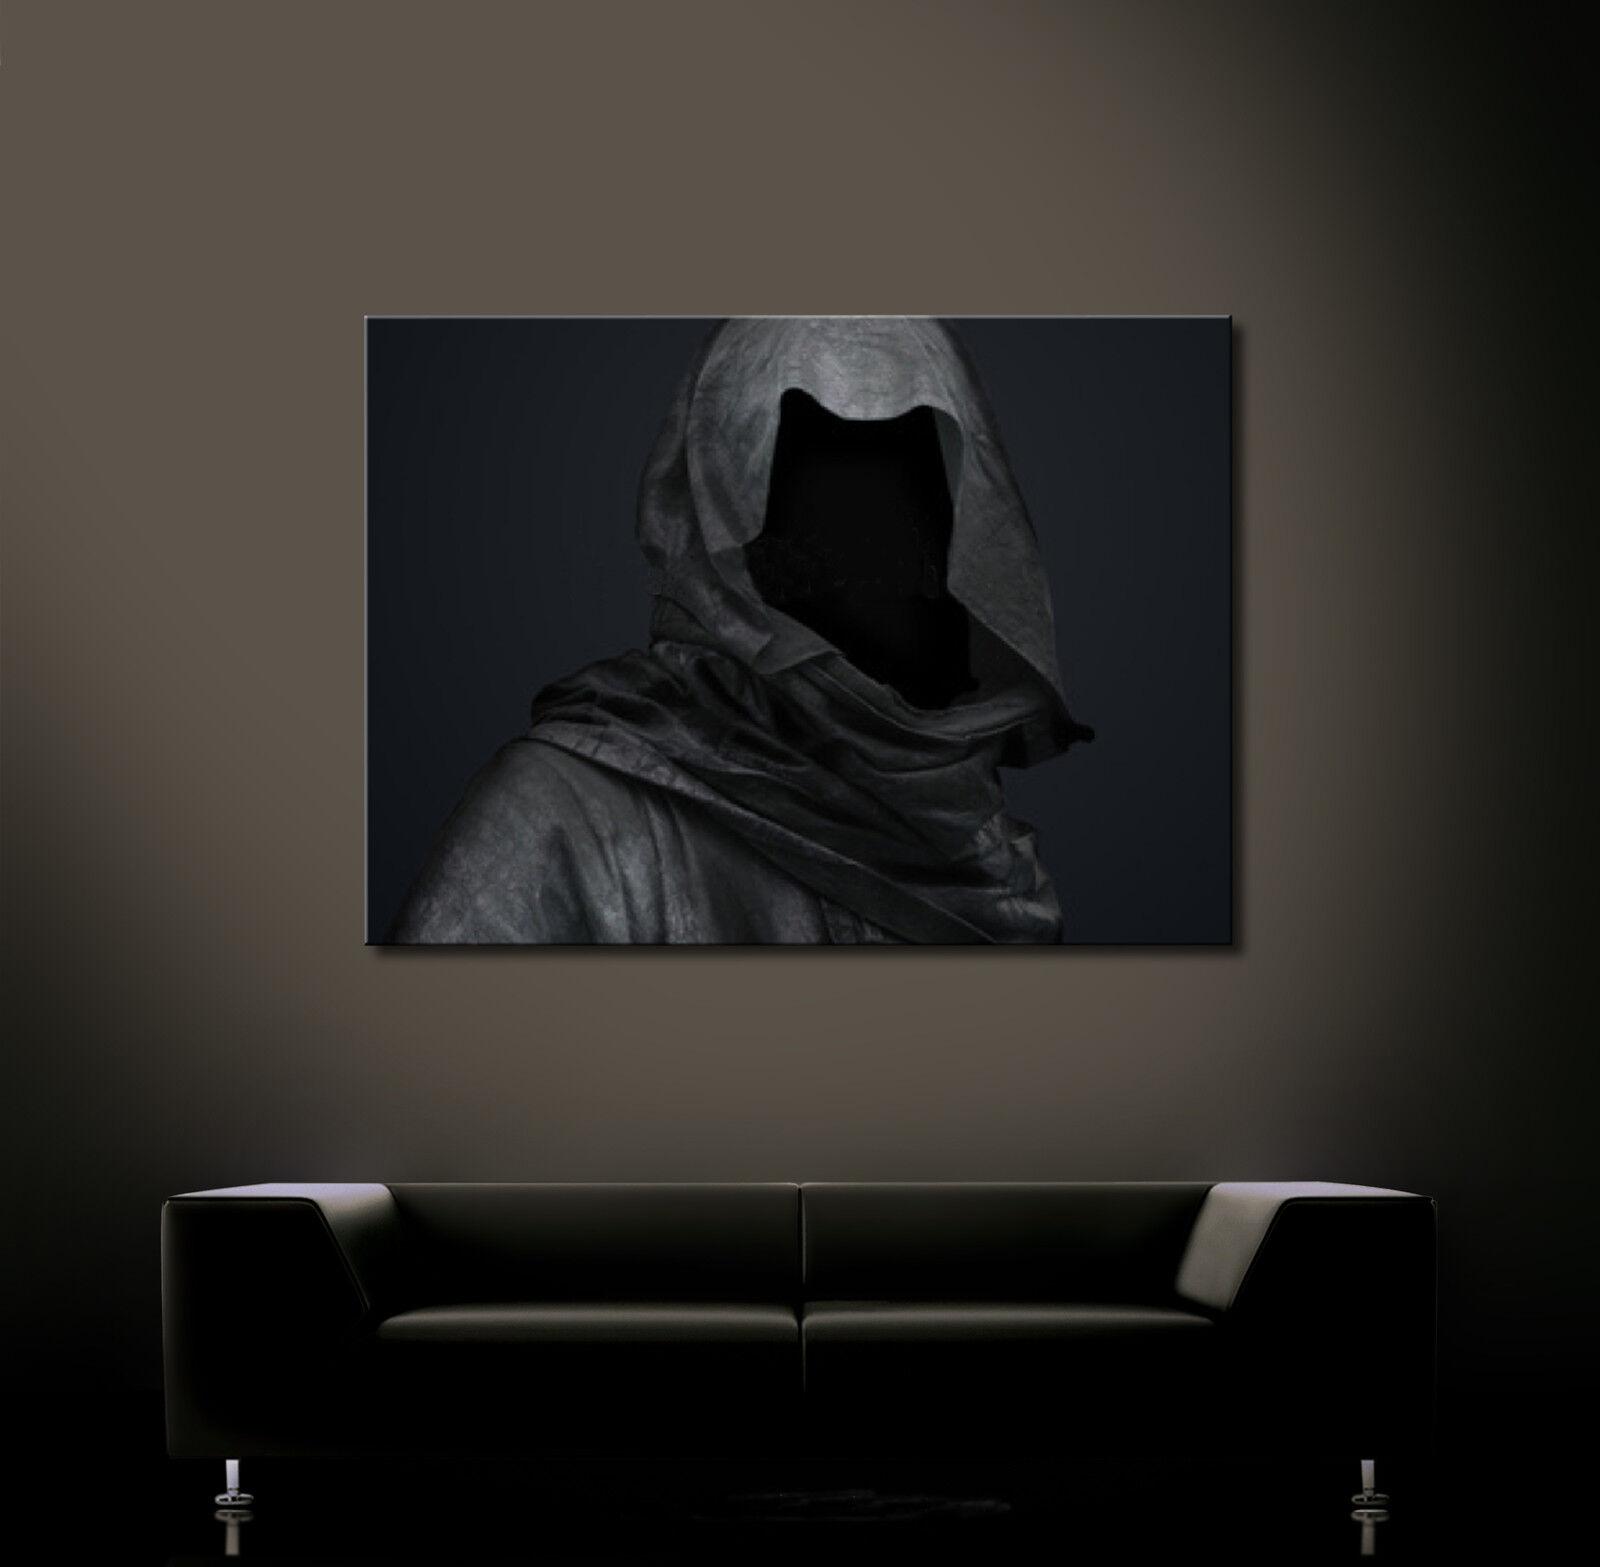 Death in the Dark tela tela tela stampa d'arte NERO morte astratto moderno culto XL 69c645